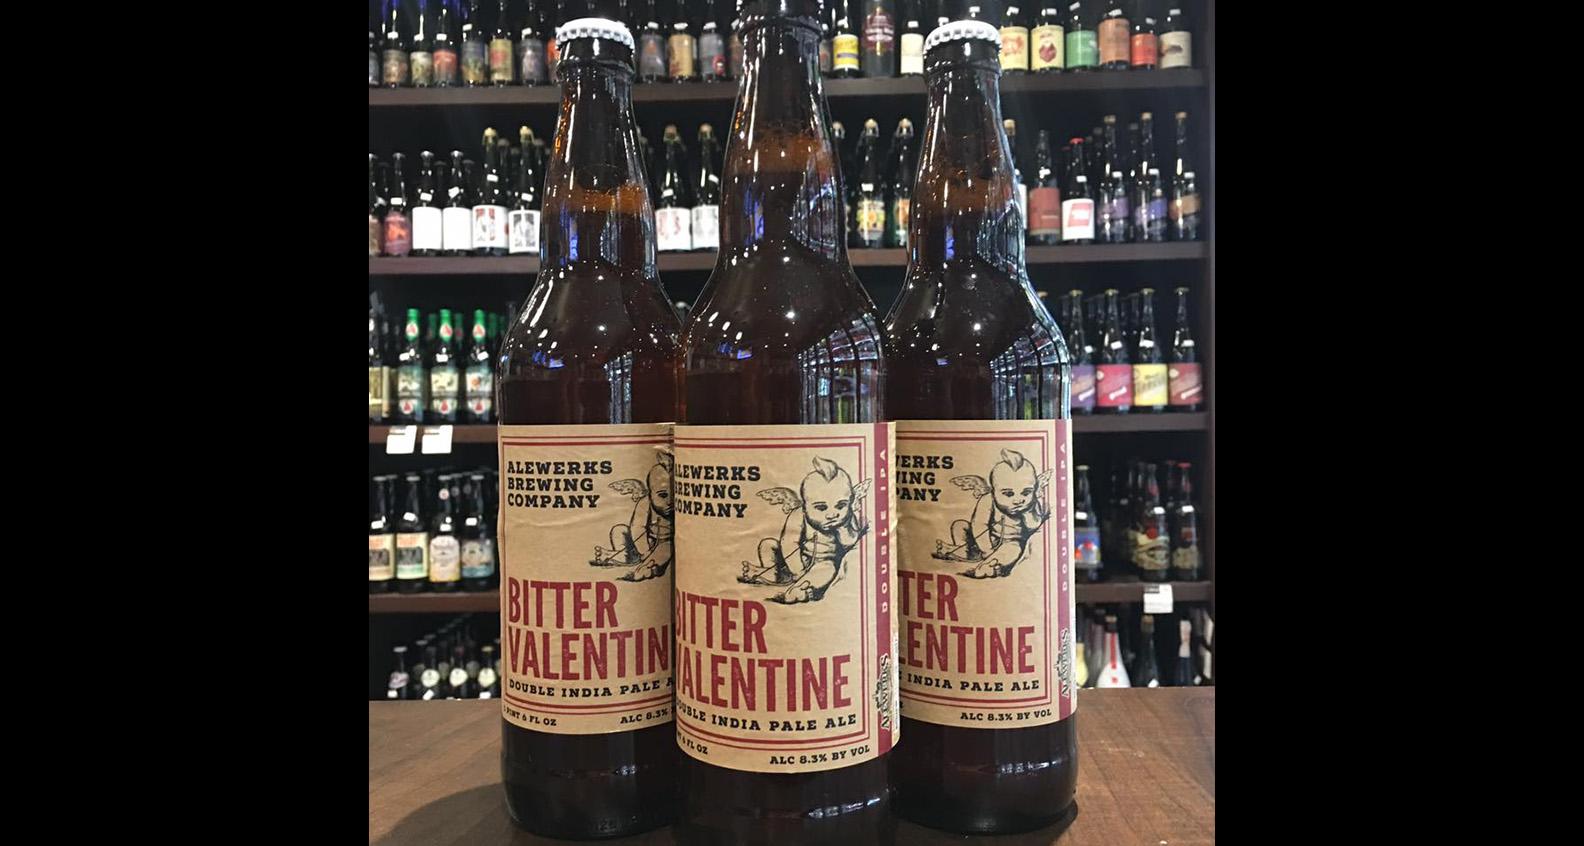 Bitter Valentine